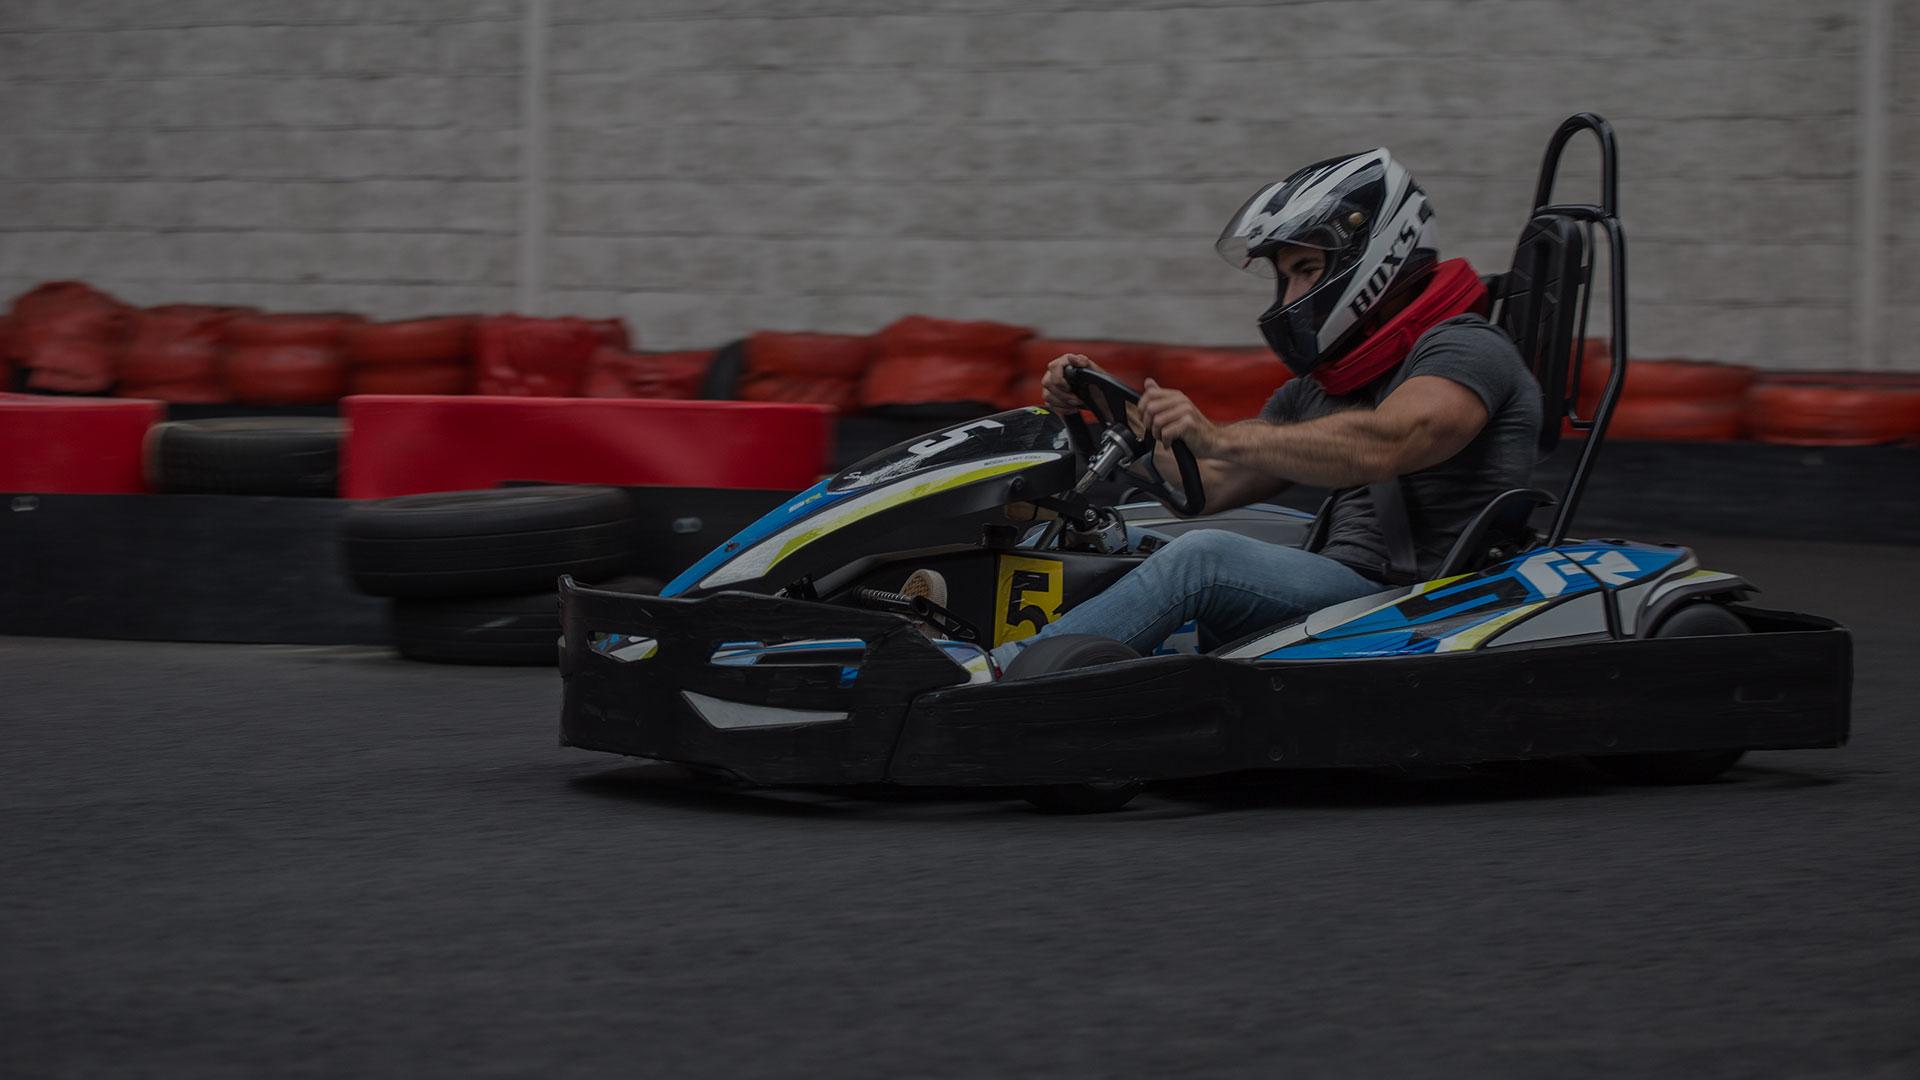 Kart West Laser Game Entreprises